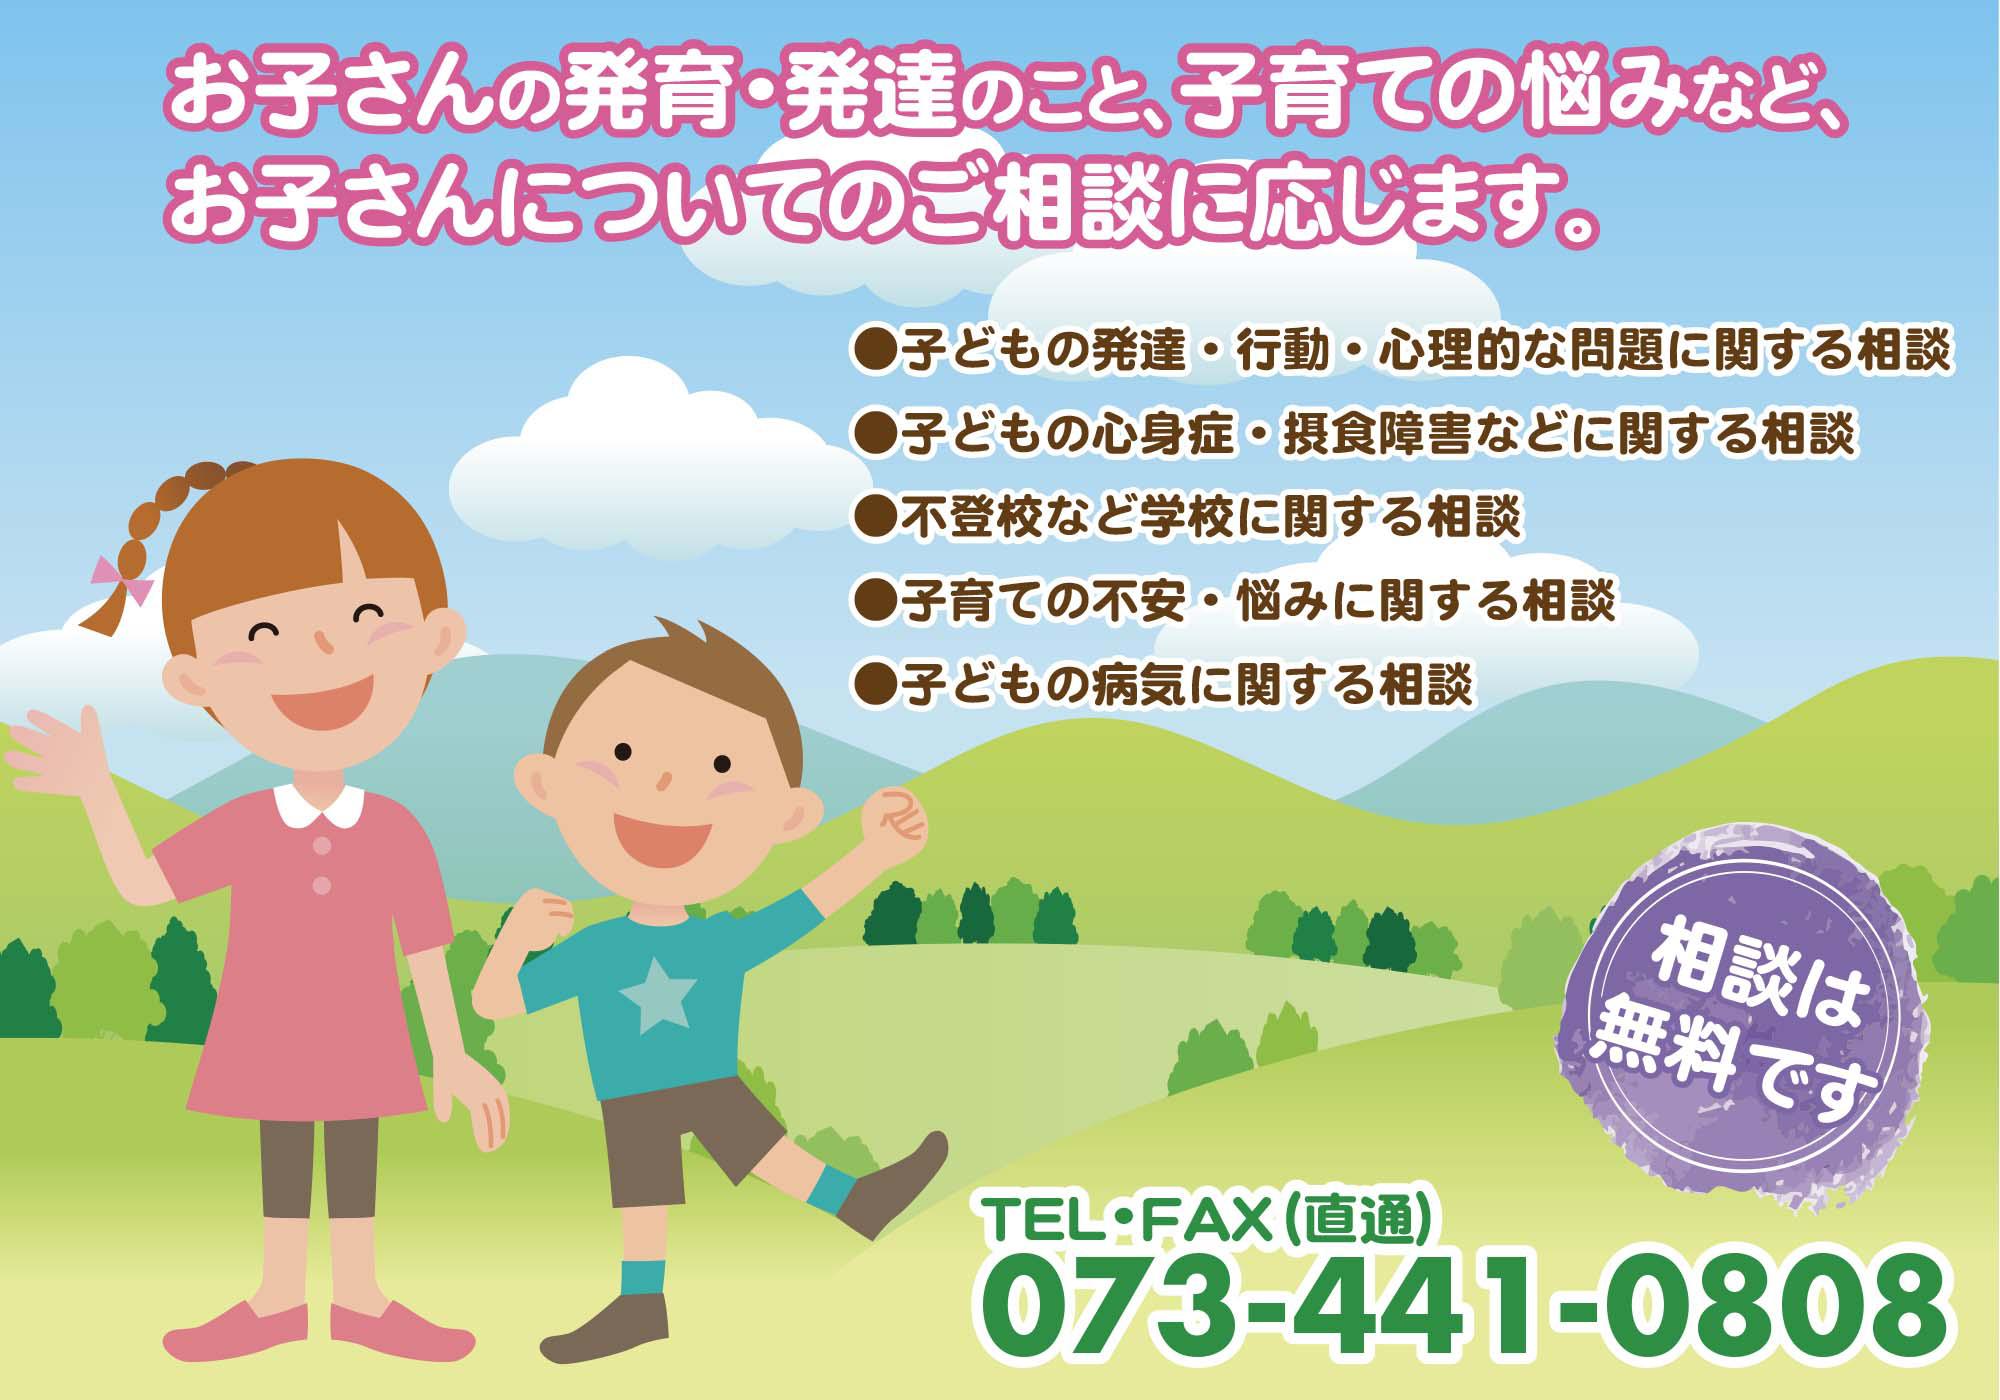 和歌山県立医科大学 小児成育医療支援室